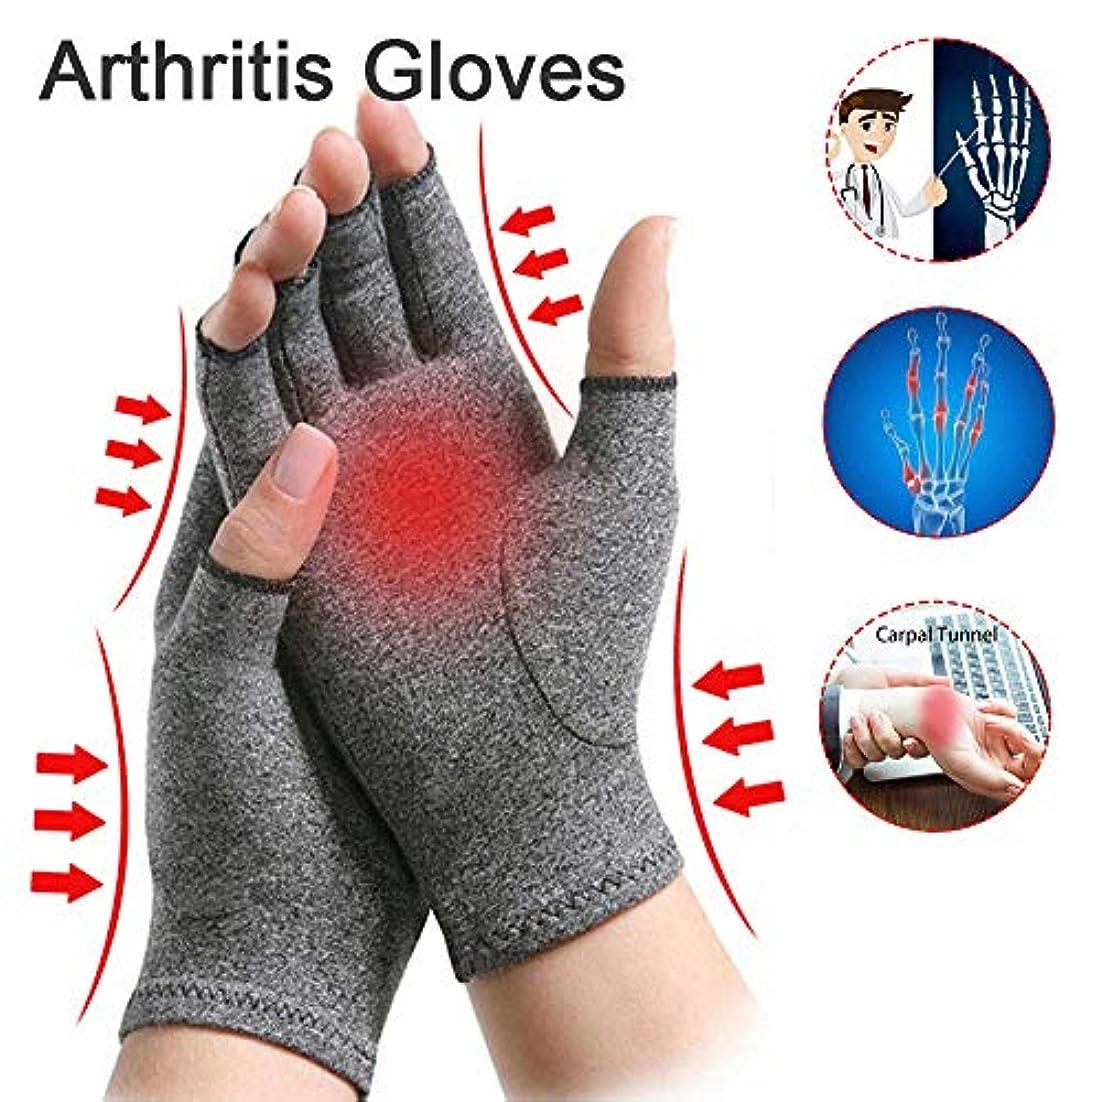 発掘するバラバラにする流圧縮関節炎グローブ手関節炎の痛みを軽減するために入力して、毎日の作業支援のための圧縮関節炎手袋、プレミアムの圧縮&指なし手袋